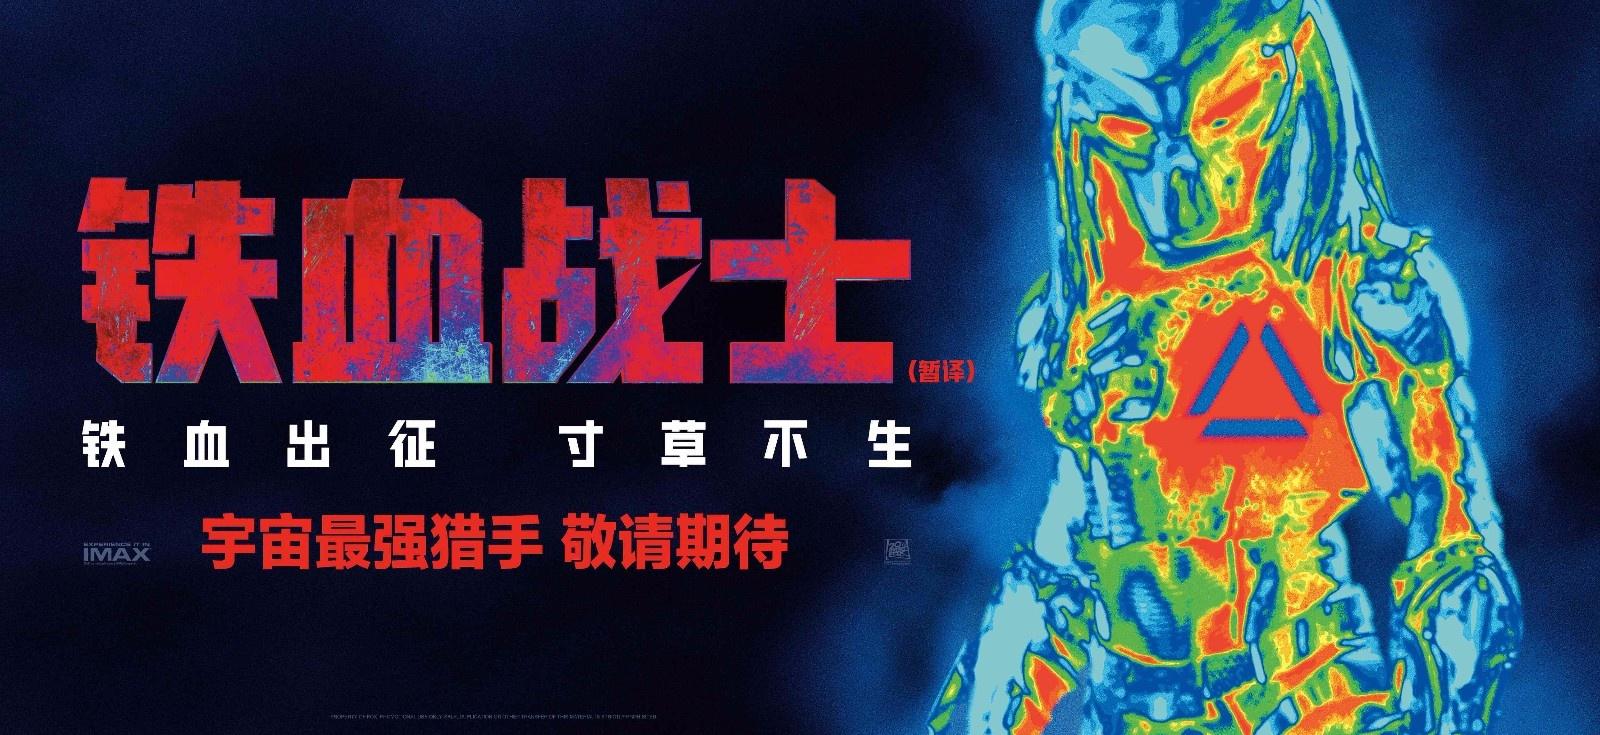 《铁血战士》曝光新海报 致敬经典再现杀戮时刻